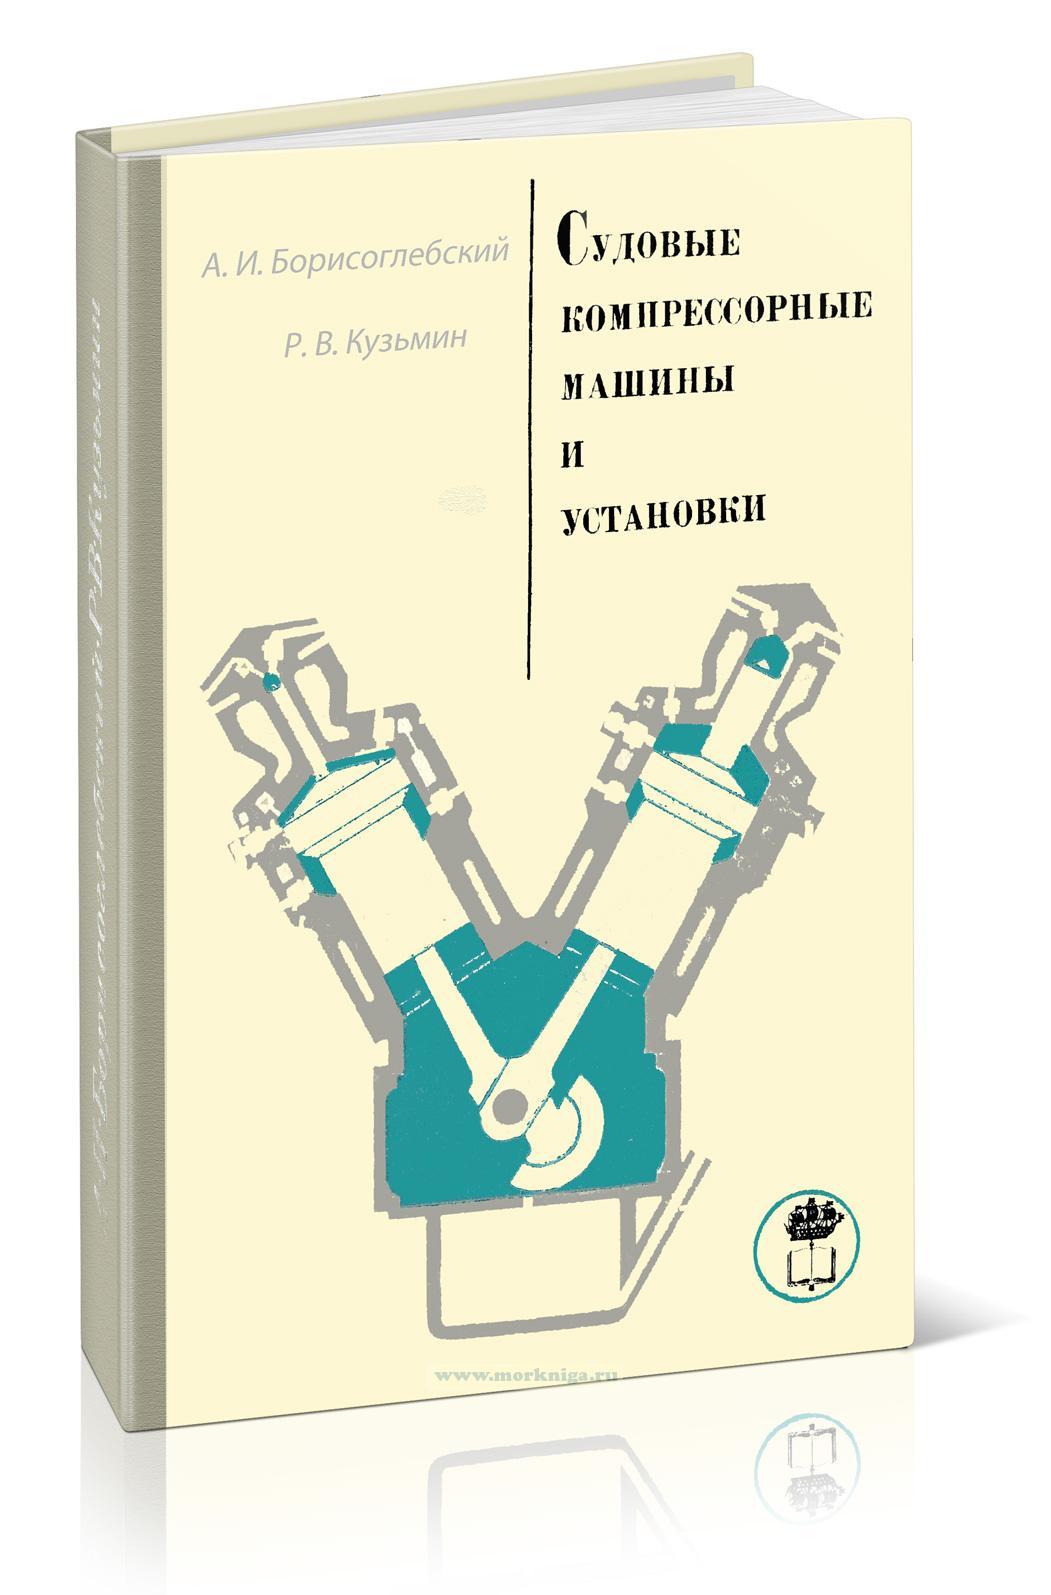 Судовые компрессорные машины и установки